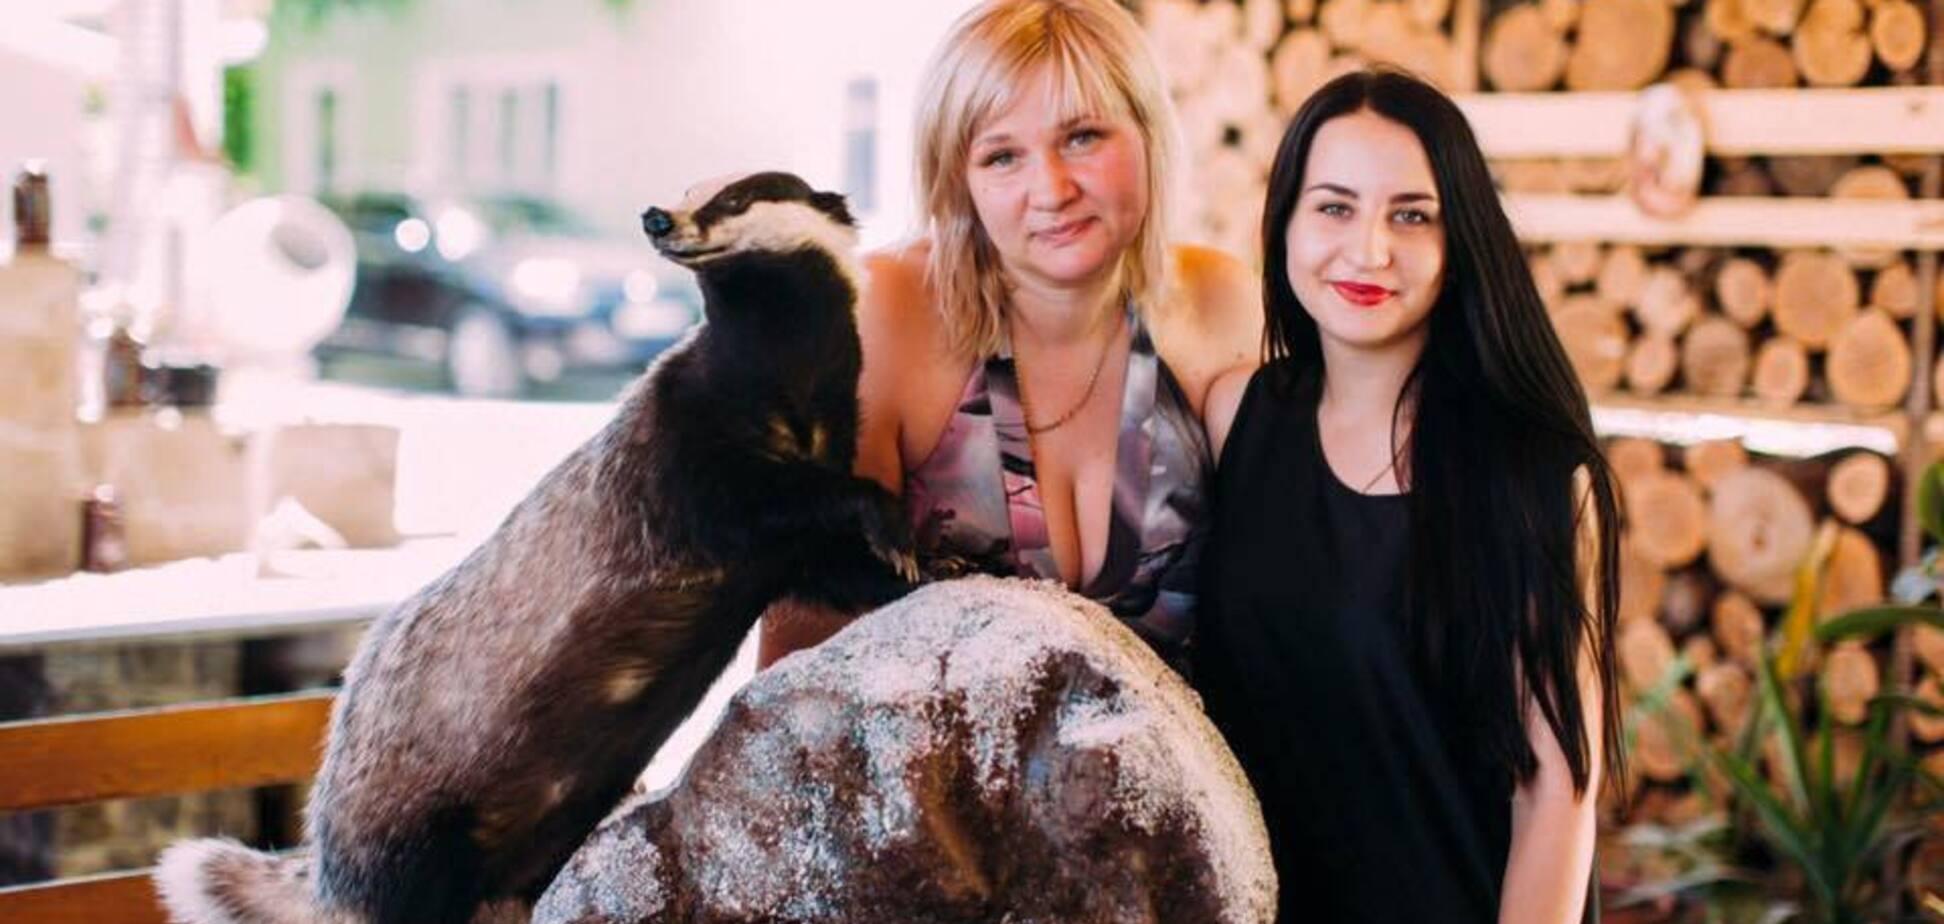 'Вывозила кэш 6 раз': появились новые подробности скандала с экс-женой Князева